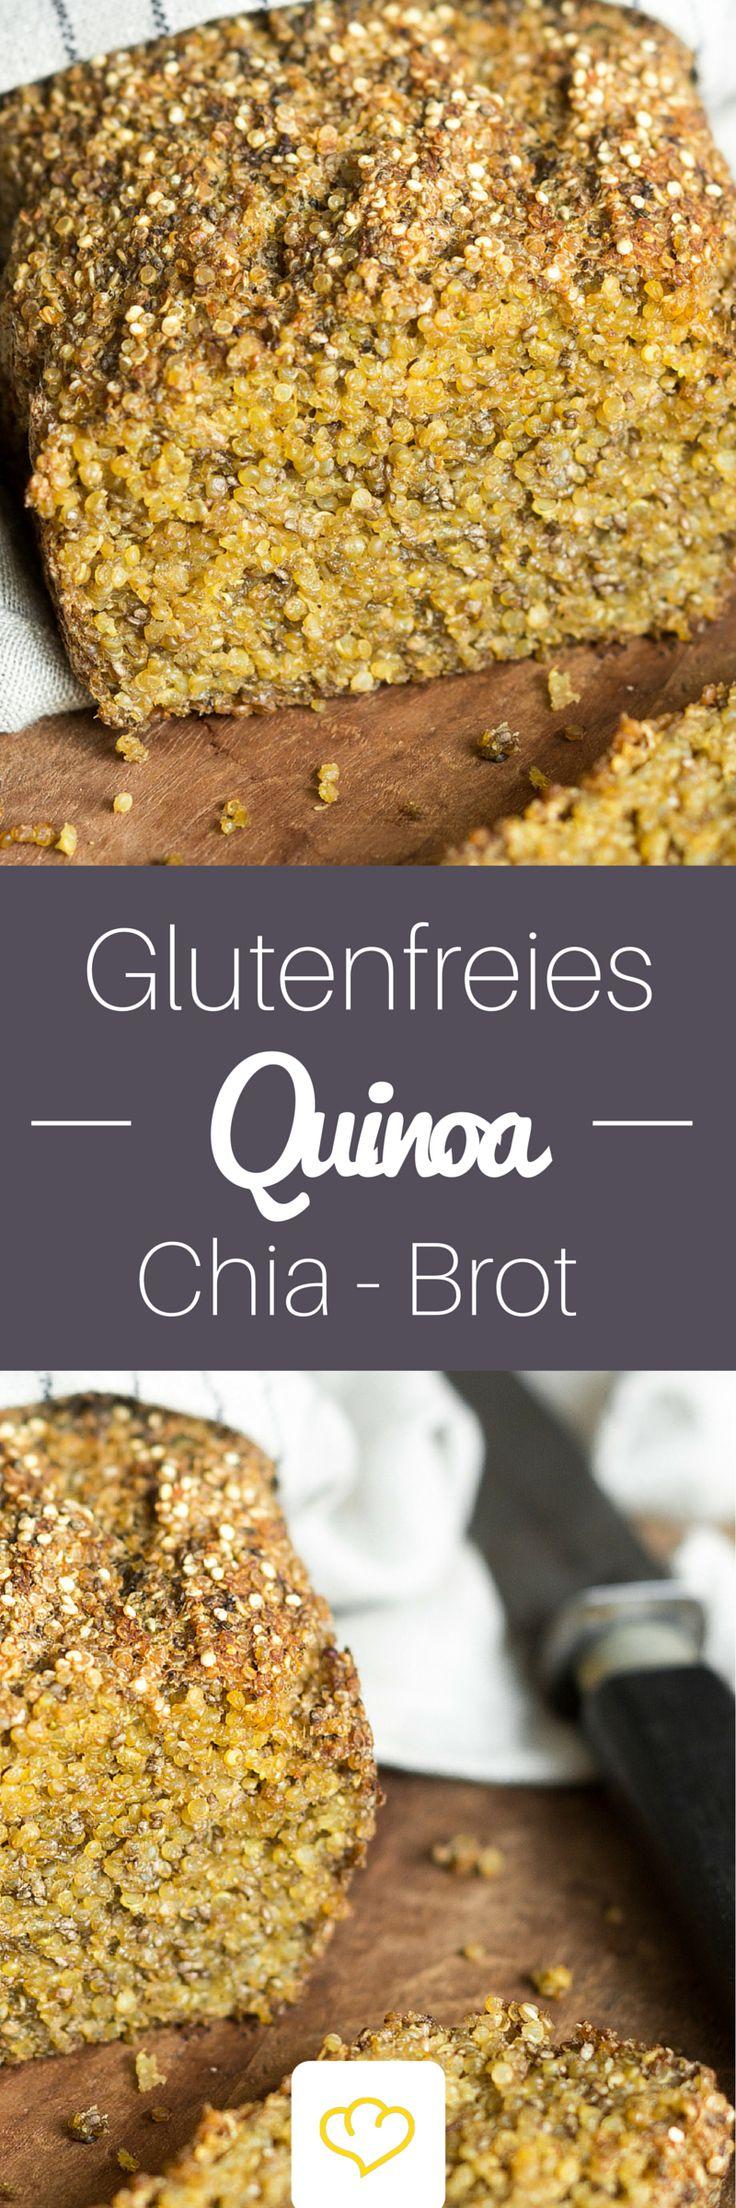 Ein Powerbrot, das allen schmeckt. Denn – dieses köstliche Quinoa-Chia-Brot ist frei von Gluten, tierischen Produkten und Zucker. Und obendrein so einfach zu machen, dass du dich die ganze Woche und das Wochenende und die darauffolgende Woche und … darüber freuen kannst. #glutenfrei #Quinoa #Chia #Brot